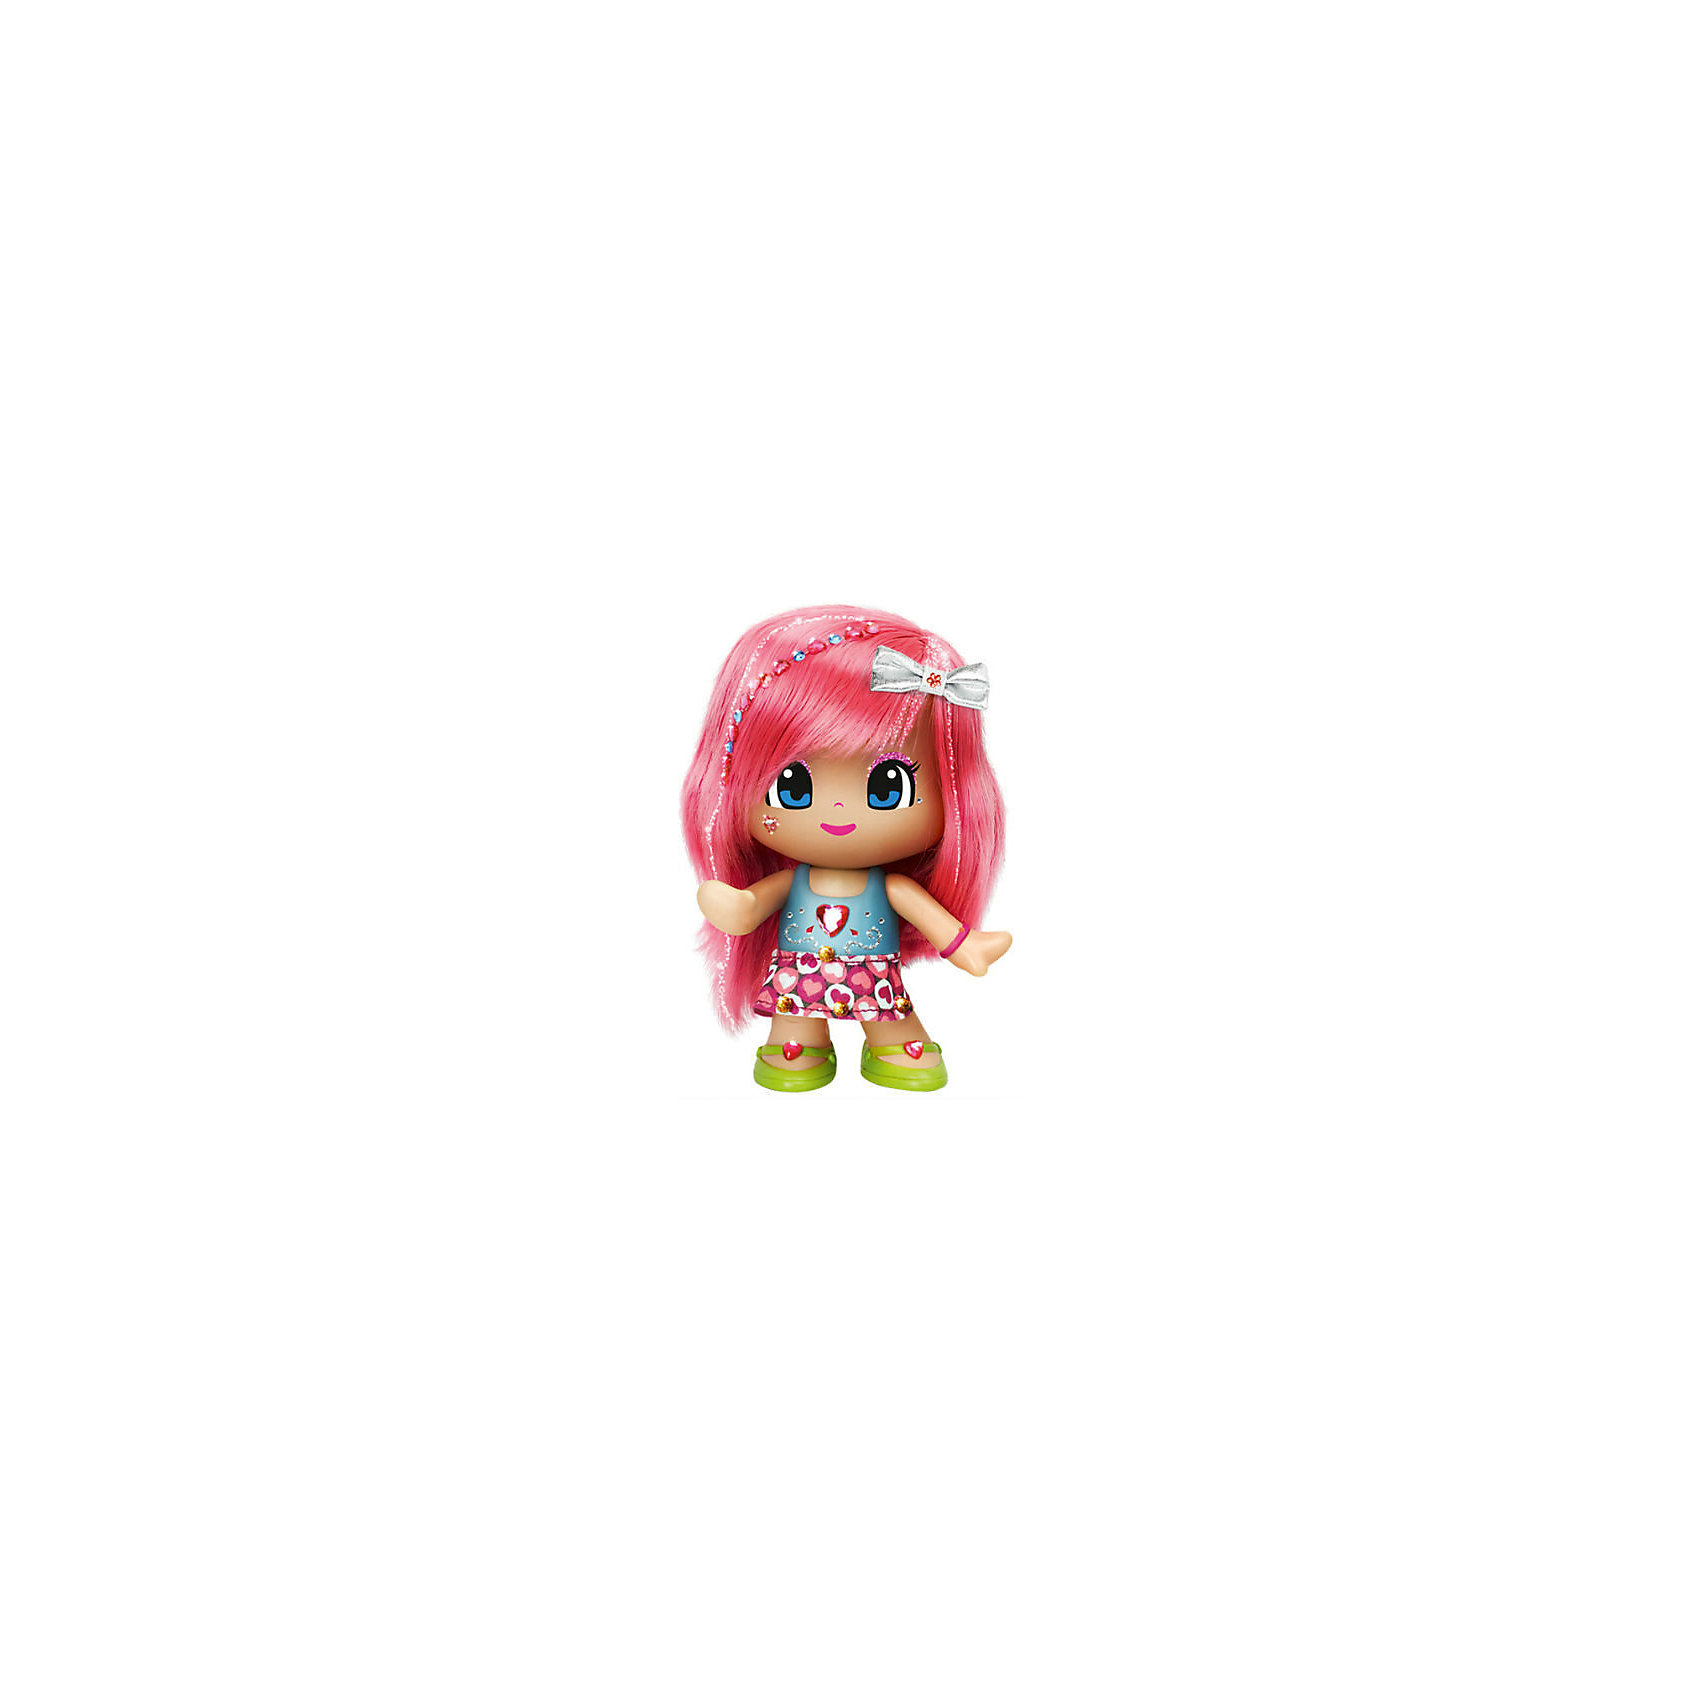 Кукла Пинипон с розовыми волосами Макияж и модная прическа, FamosaКукла Пинипон с розовыми волосами Макияж и модная прическа, Famosa<br><br>Характеристики:<br><br>-Возраст: от 4 лет<br>-Размер куклы: 16 см<br>-Размер упаковки: 25,2х9х21,4 см<br>-Марка: Famosa(Фамоса)<br><br>Кукла Пинипон с розовыми волосами Макияж и модная прическа, Famosa станет любимой игрушкой маленьких модниц. У маленькой куклы яркий розовый цвет волос. Волосы можно расчесывать и заплетать. Благодаря множеству аксессуаров куклы, девочка сможет менять ей образы, отчего игра станет еще интереснее. Кукла изготовлена из экологически чистых материалов, поэтому абсолютно безопасна для ребенка. <br><br>Кукла Пинипон с розовыми волосами Макияж и модная прическа, Famosa можно приобрести в нашем интернет-магазине.<br><br>Ширина мм: 250<br>Глубина мм: 90<br>Высота мм: 220<br>Вес г: 378<br>Возраст от месяцев: 48<br>Возраст до месяцев: 120<br>Пол: Женский<br>Возраст: Детский<br>SKU: 5115714